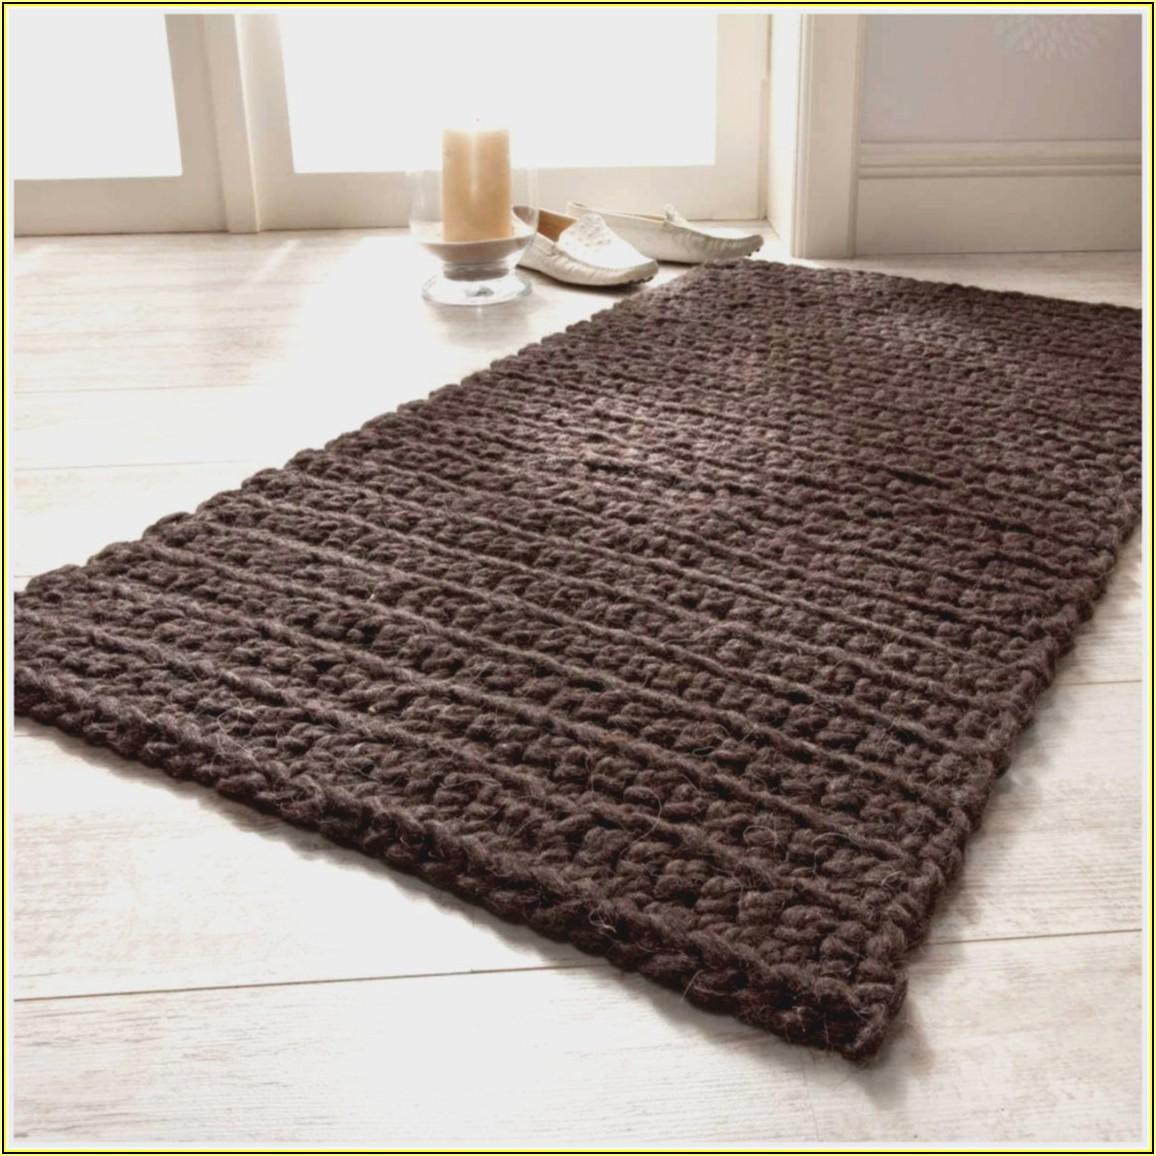 Kinder Teppich Häkeln Anleitung